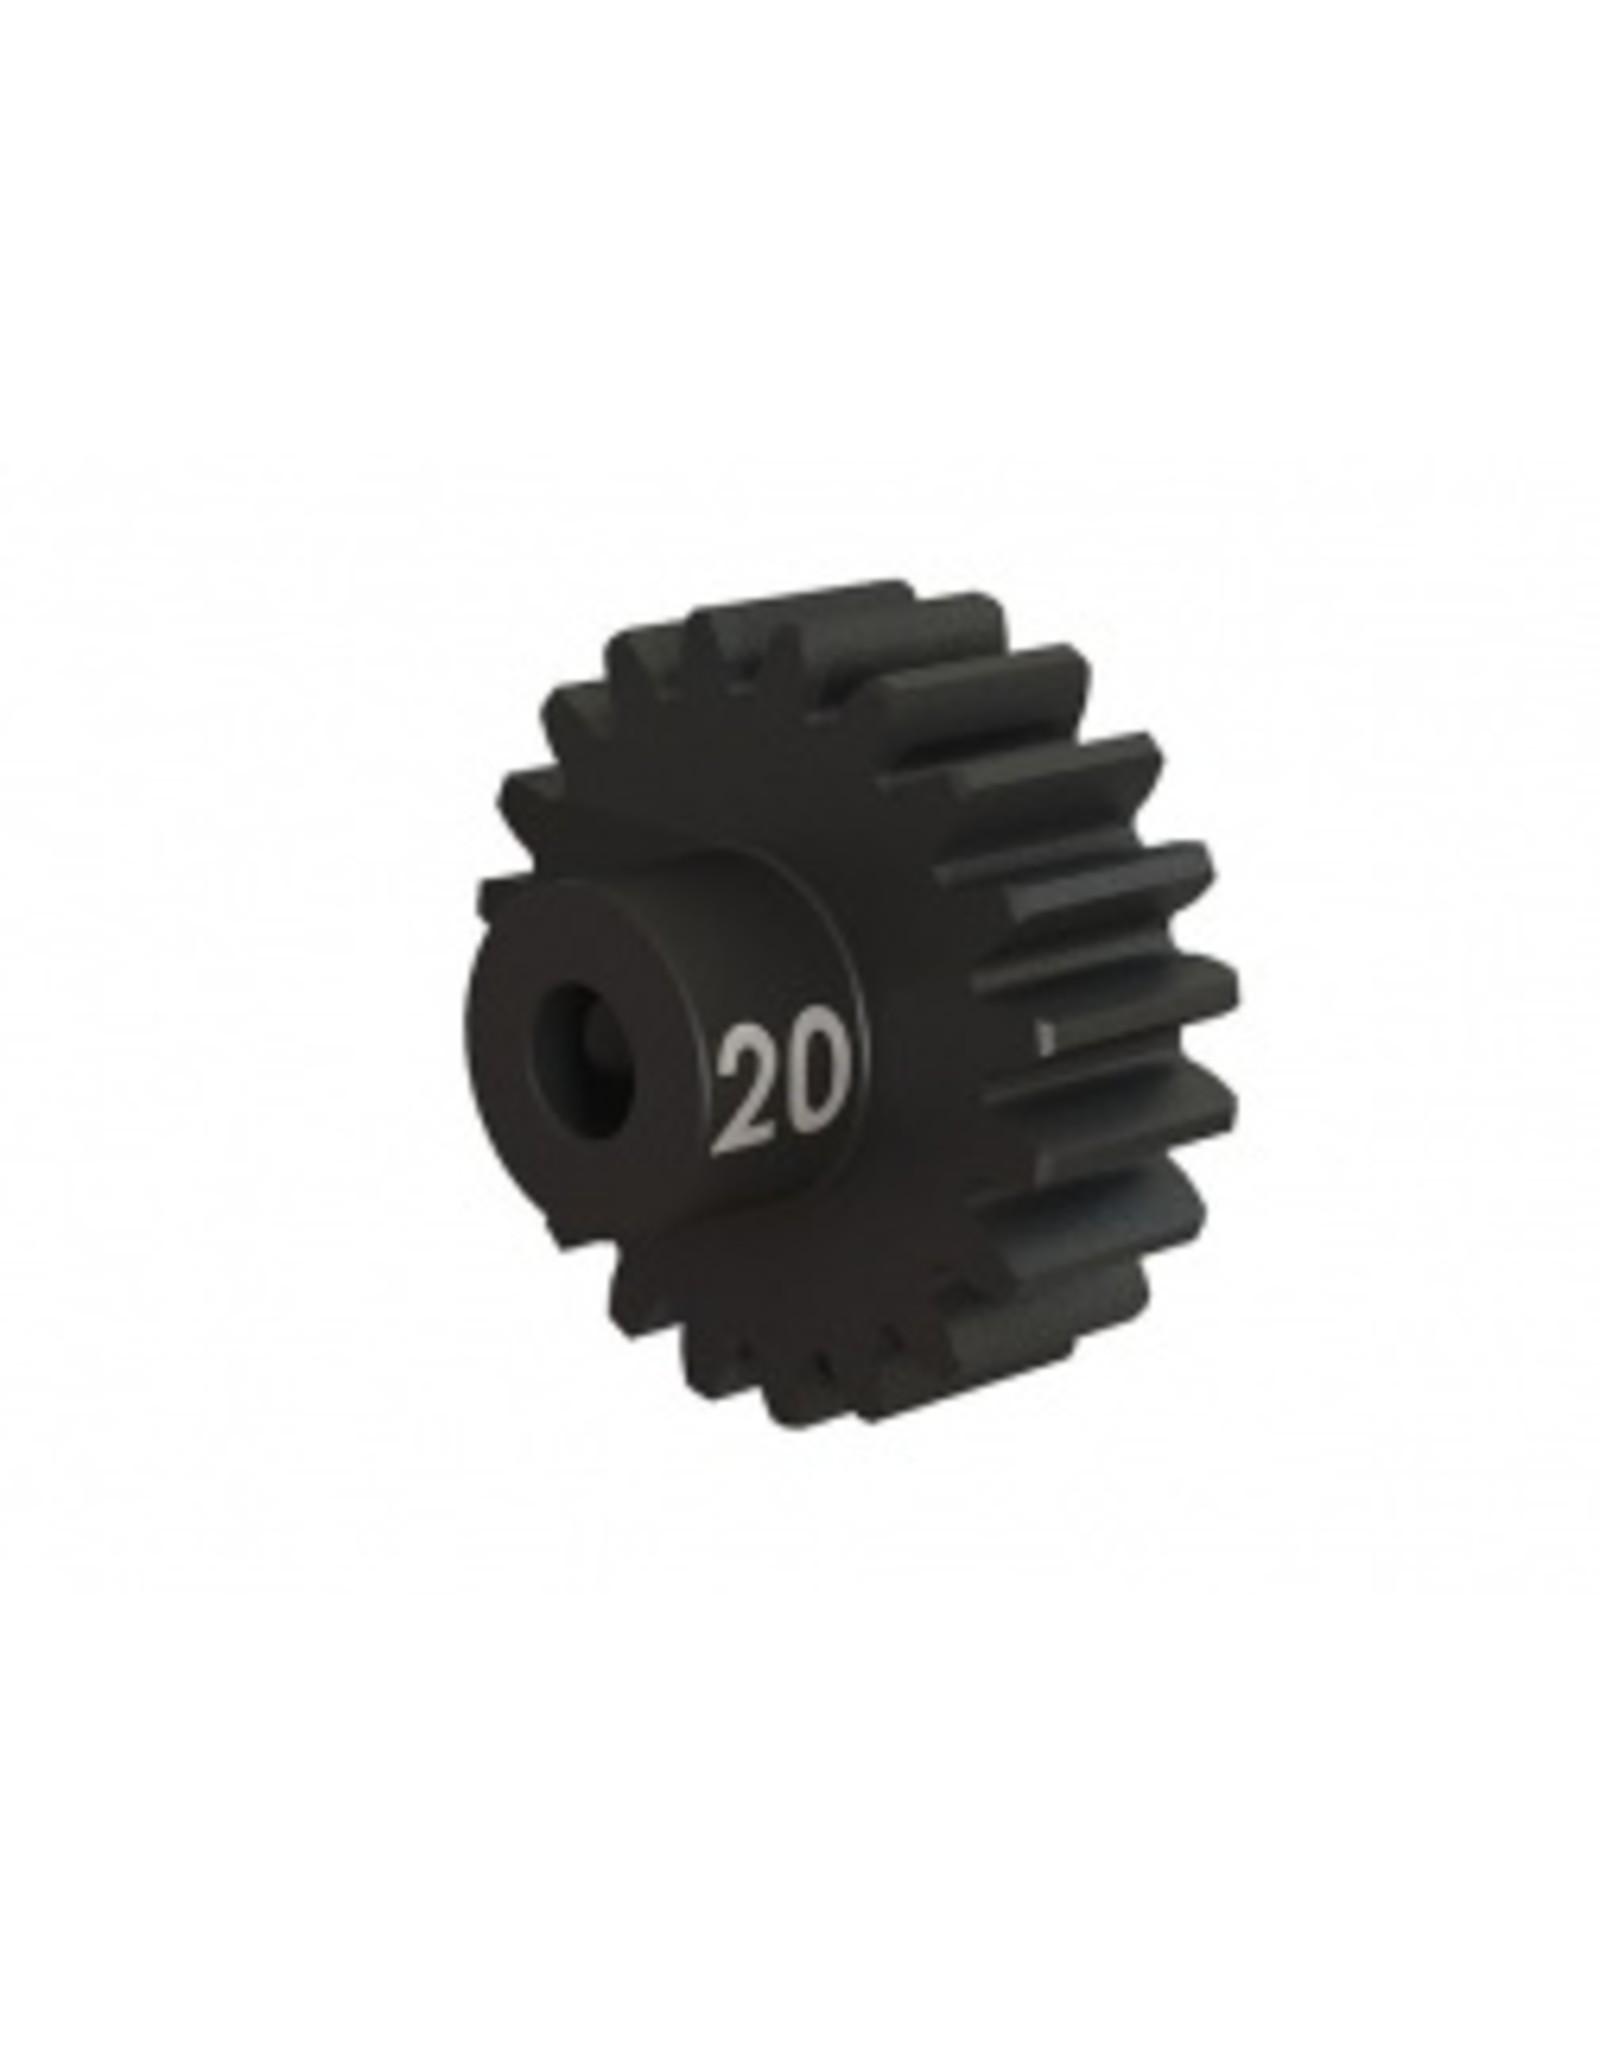 Traxxas Gear, 20-T pinion (32-p), heavy duty (machined, hardened steel)/ set screw